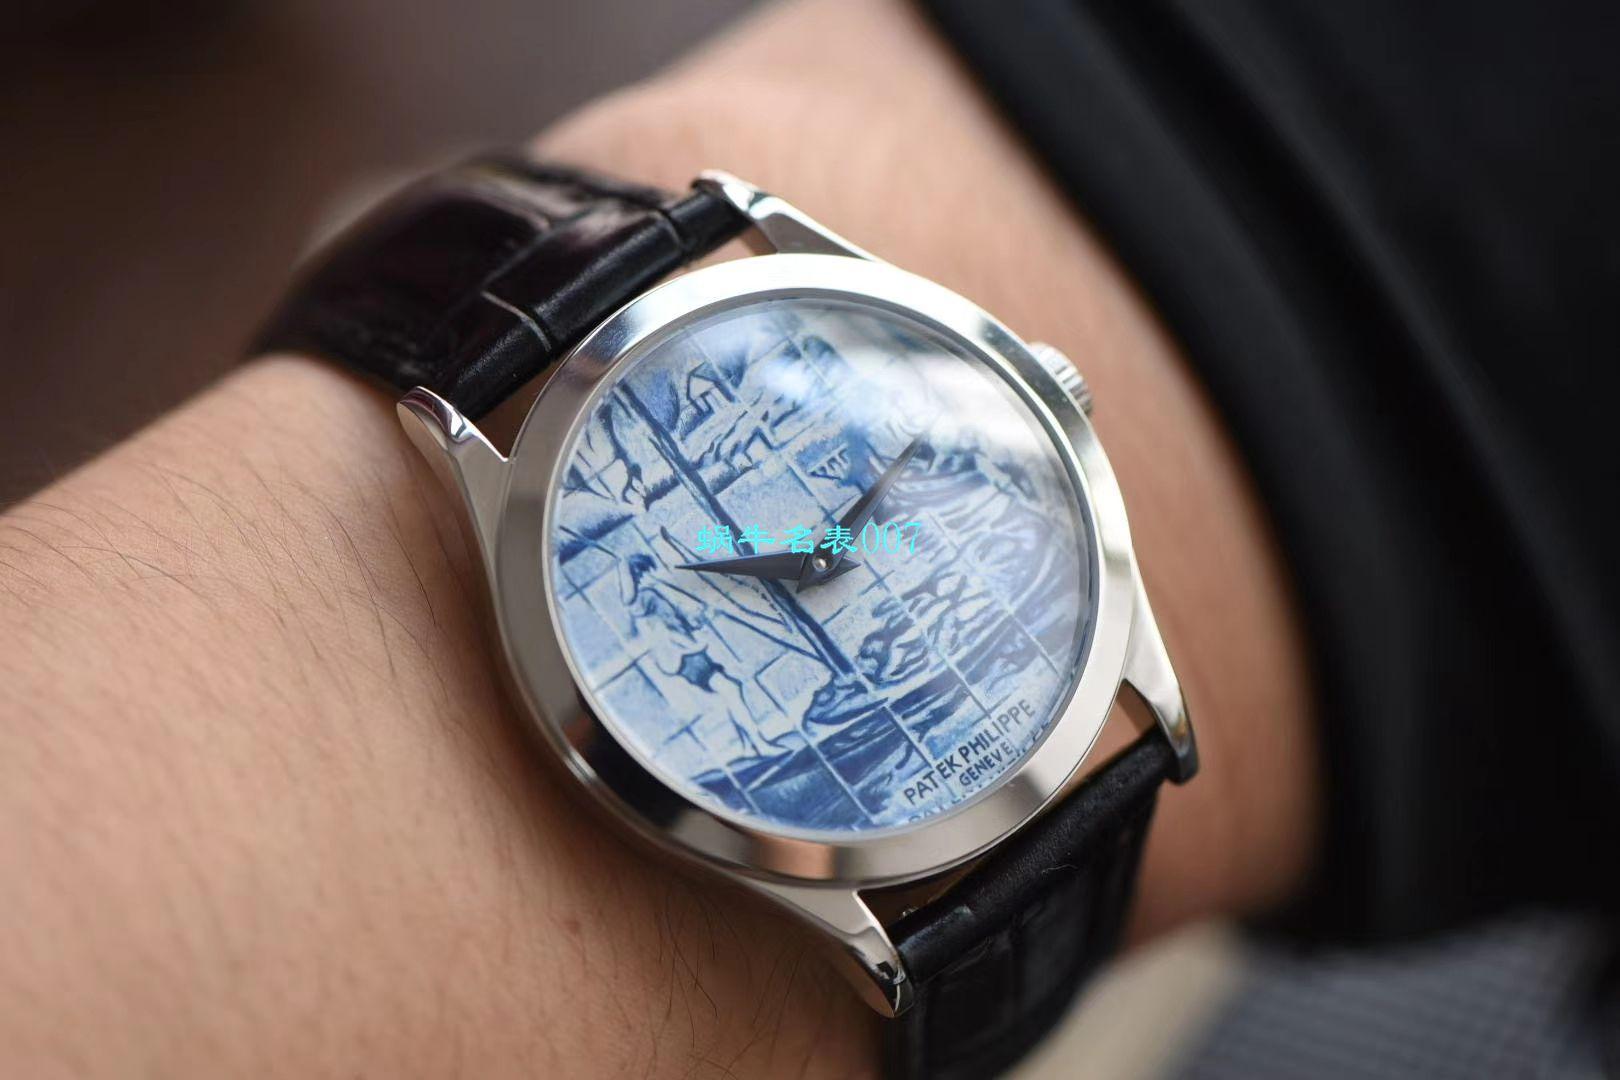 FL厂超A高仿手表百达翡丽古典表系列5089G-062太加斯河上垂钓腕表 / BD267